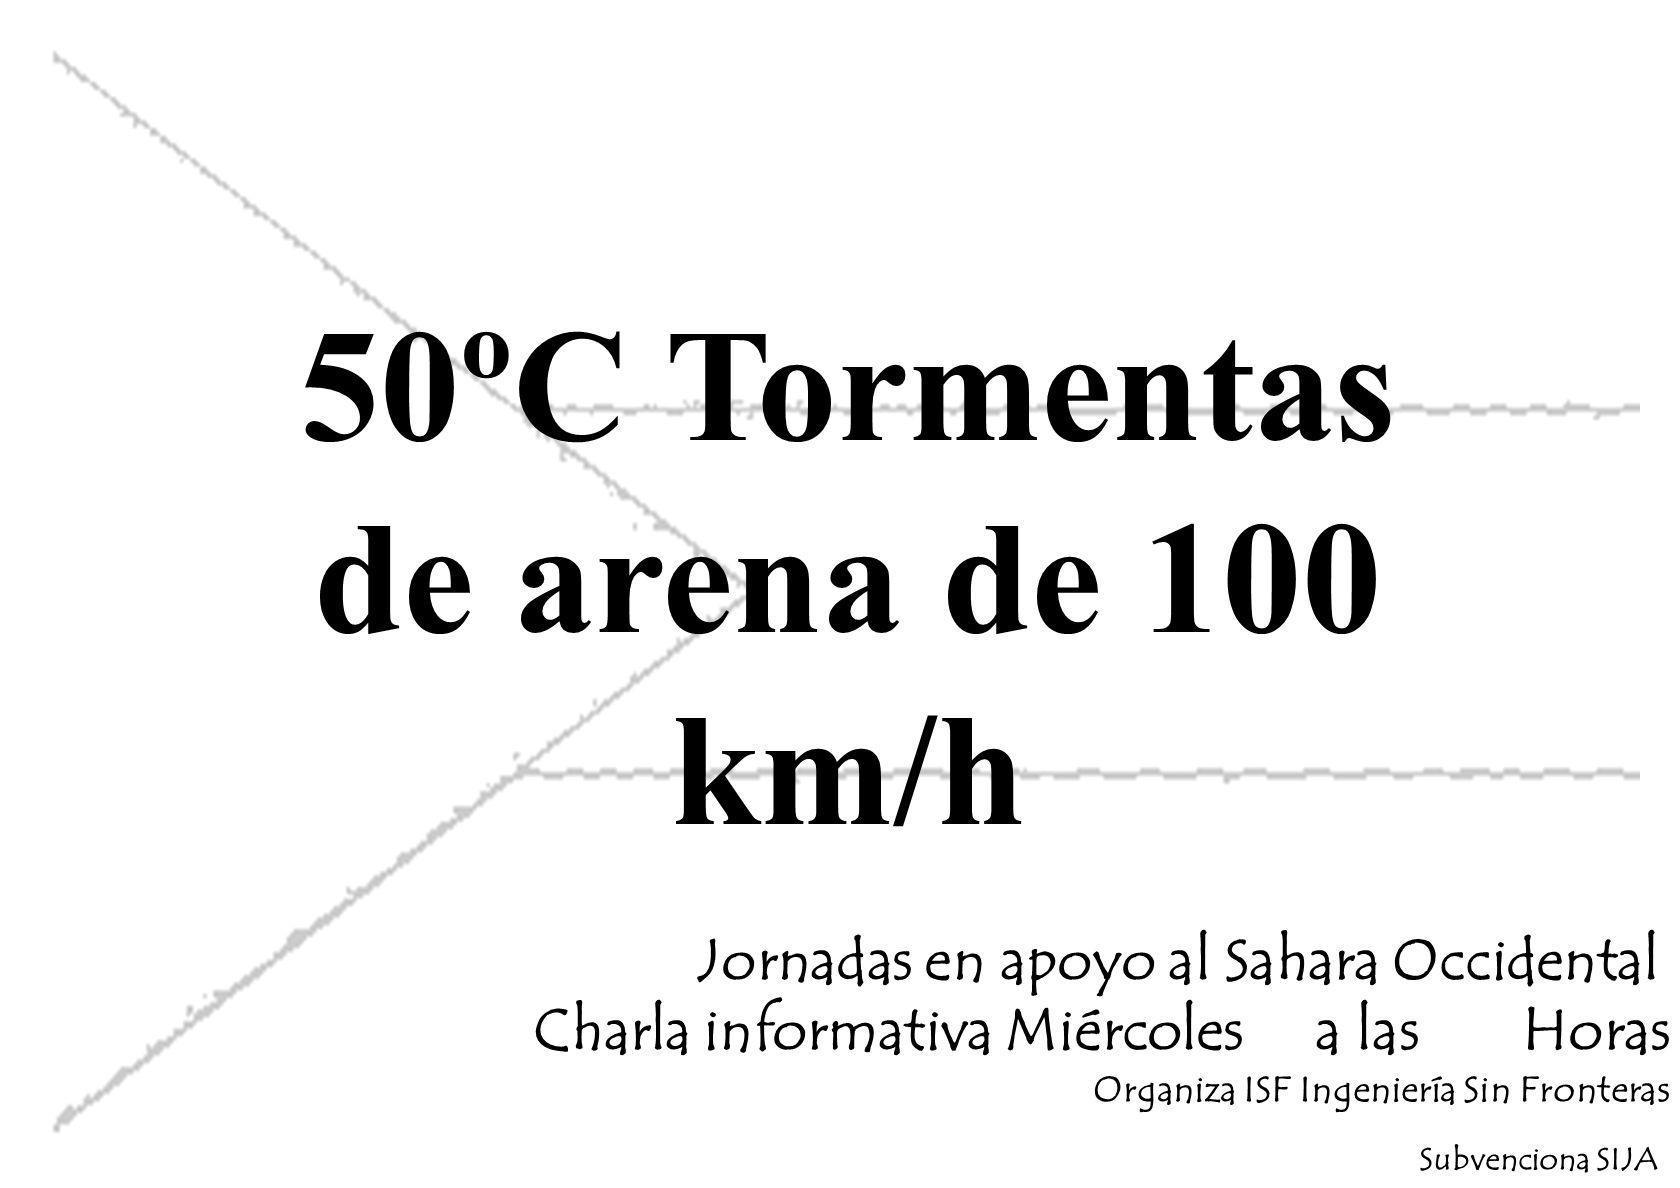 50ºC Tormentas de arena de 100 km/h Jornadas en apoyo al Sahara Occidental Charla informativa Miércoles a las Horas Organiza ISF Ingeniería Sin Fronteras Subvenciona SIJA